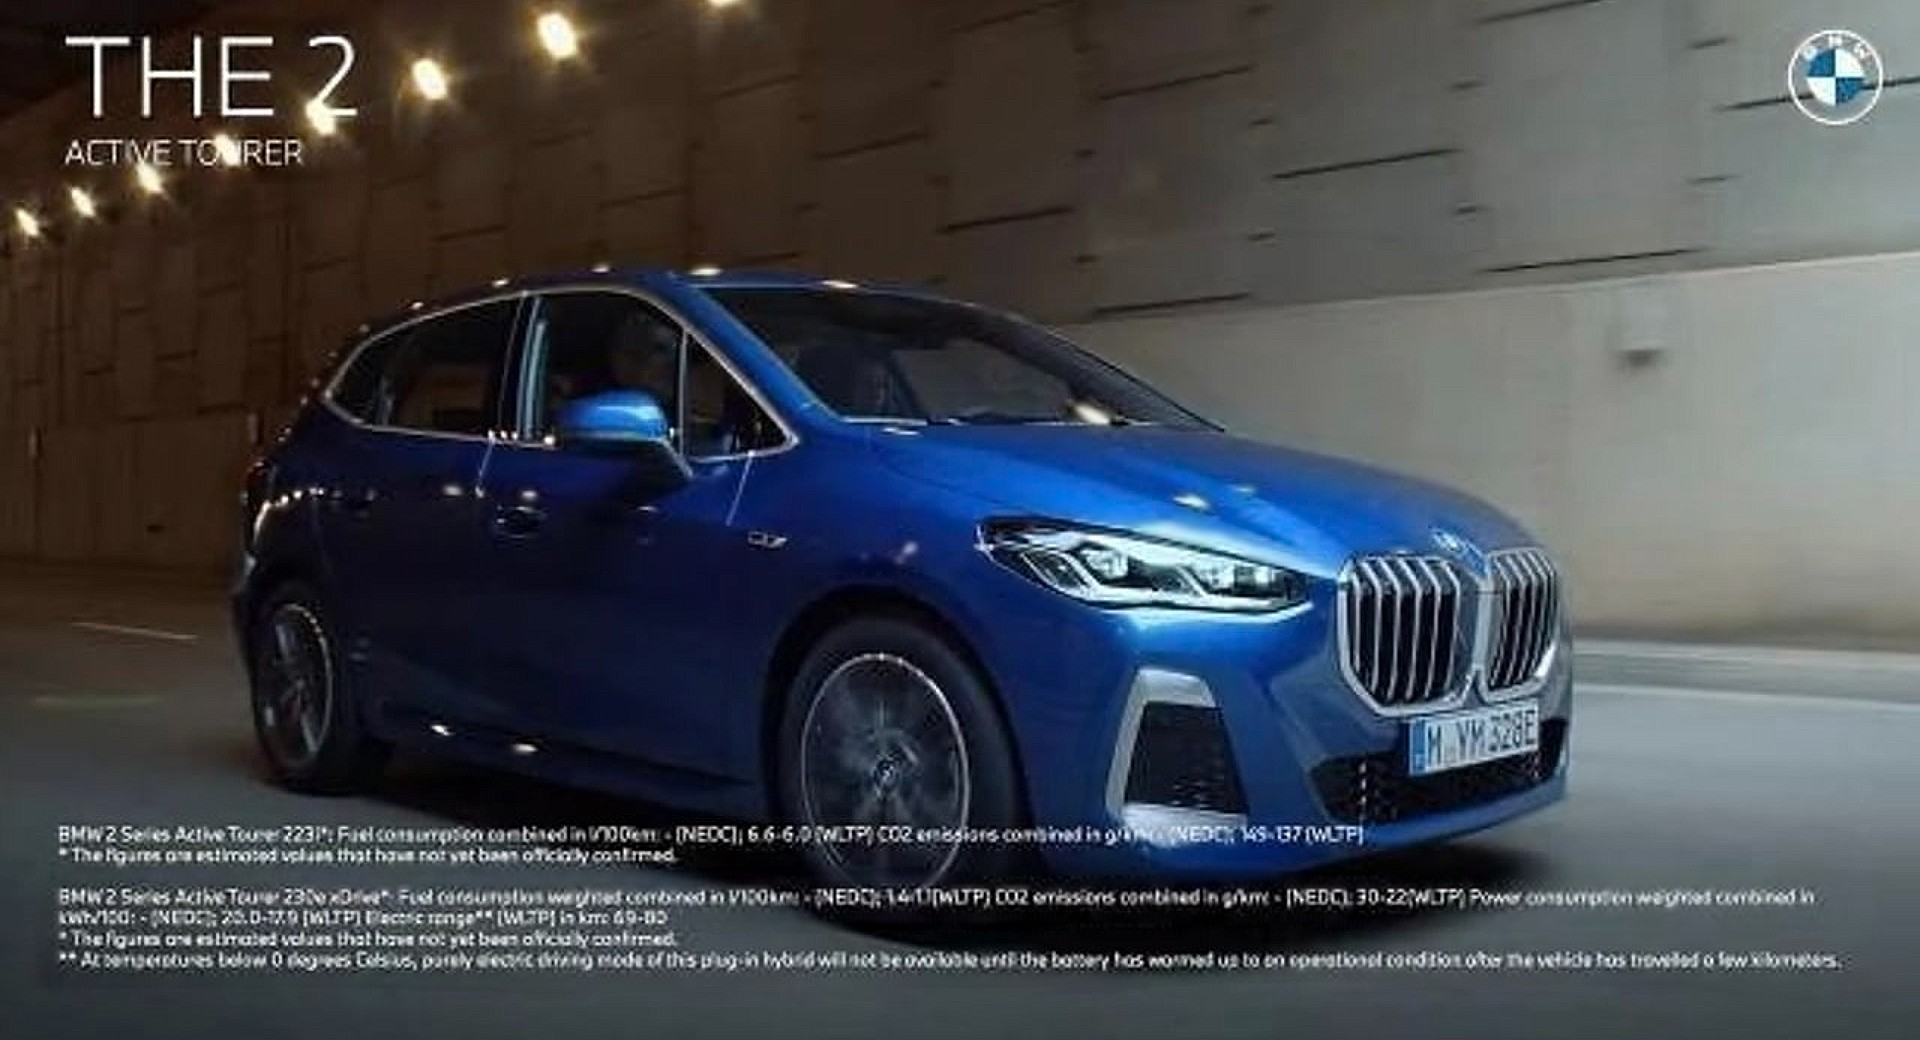 BMW serii 2 Active Tourer - wyciekły oficjalne zdjęcia nowej generacji